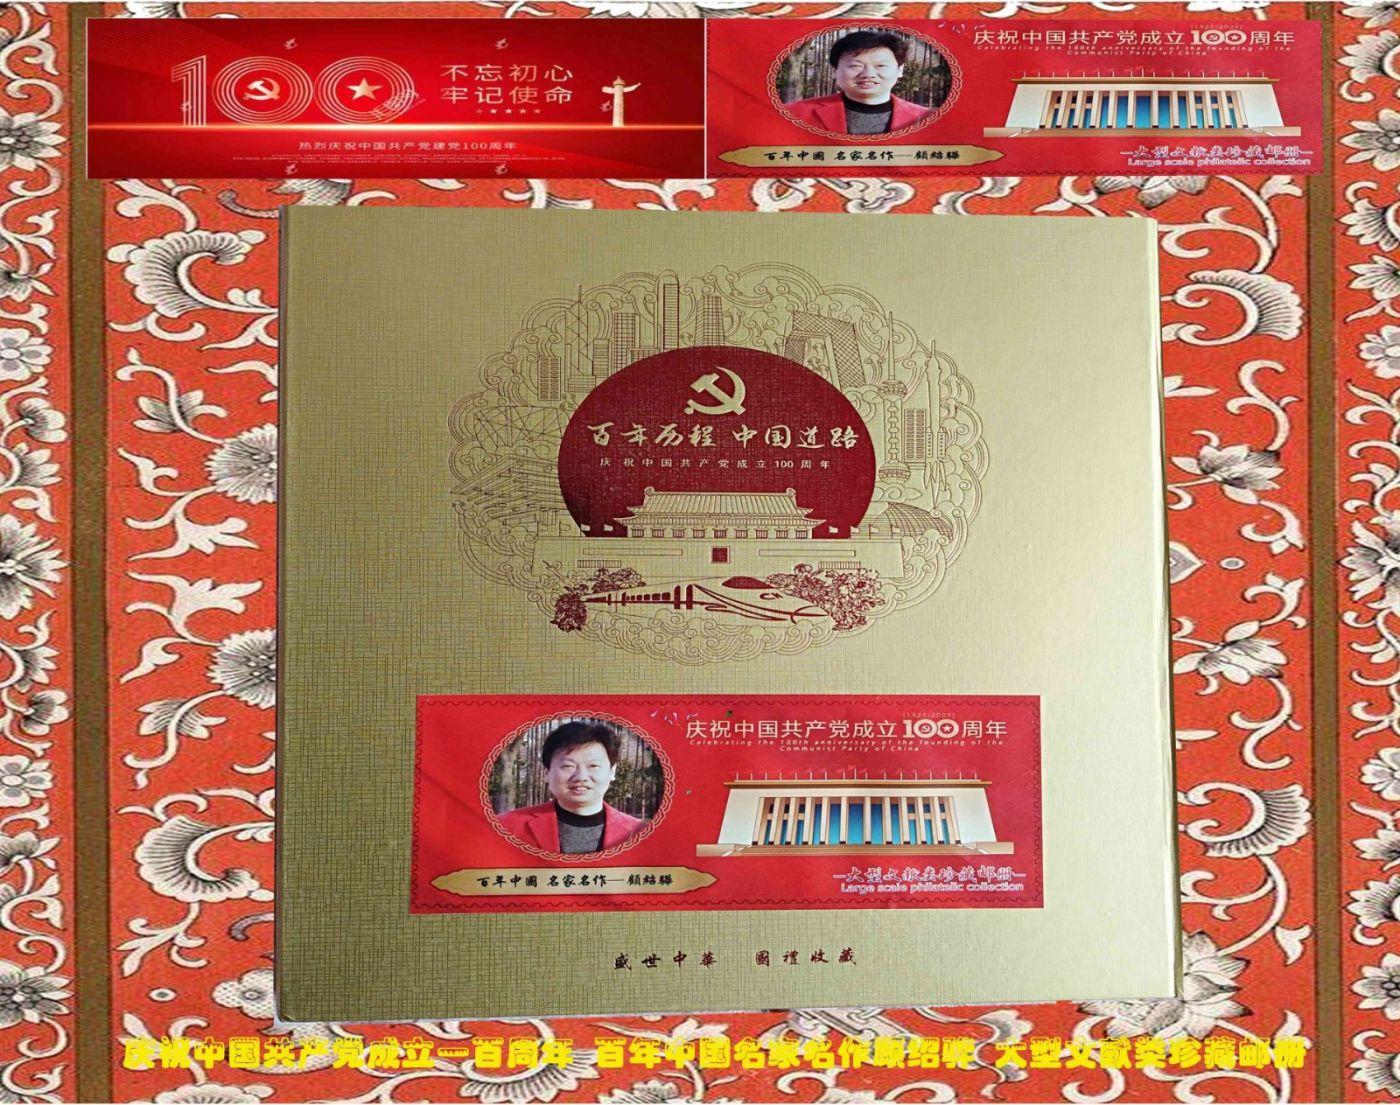 顾绍骅的诗情画意又入选《庆祝中国共产党成立100周年 百年中国名家名作》 ..._图1-1